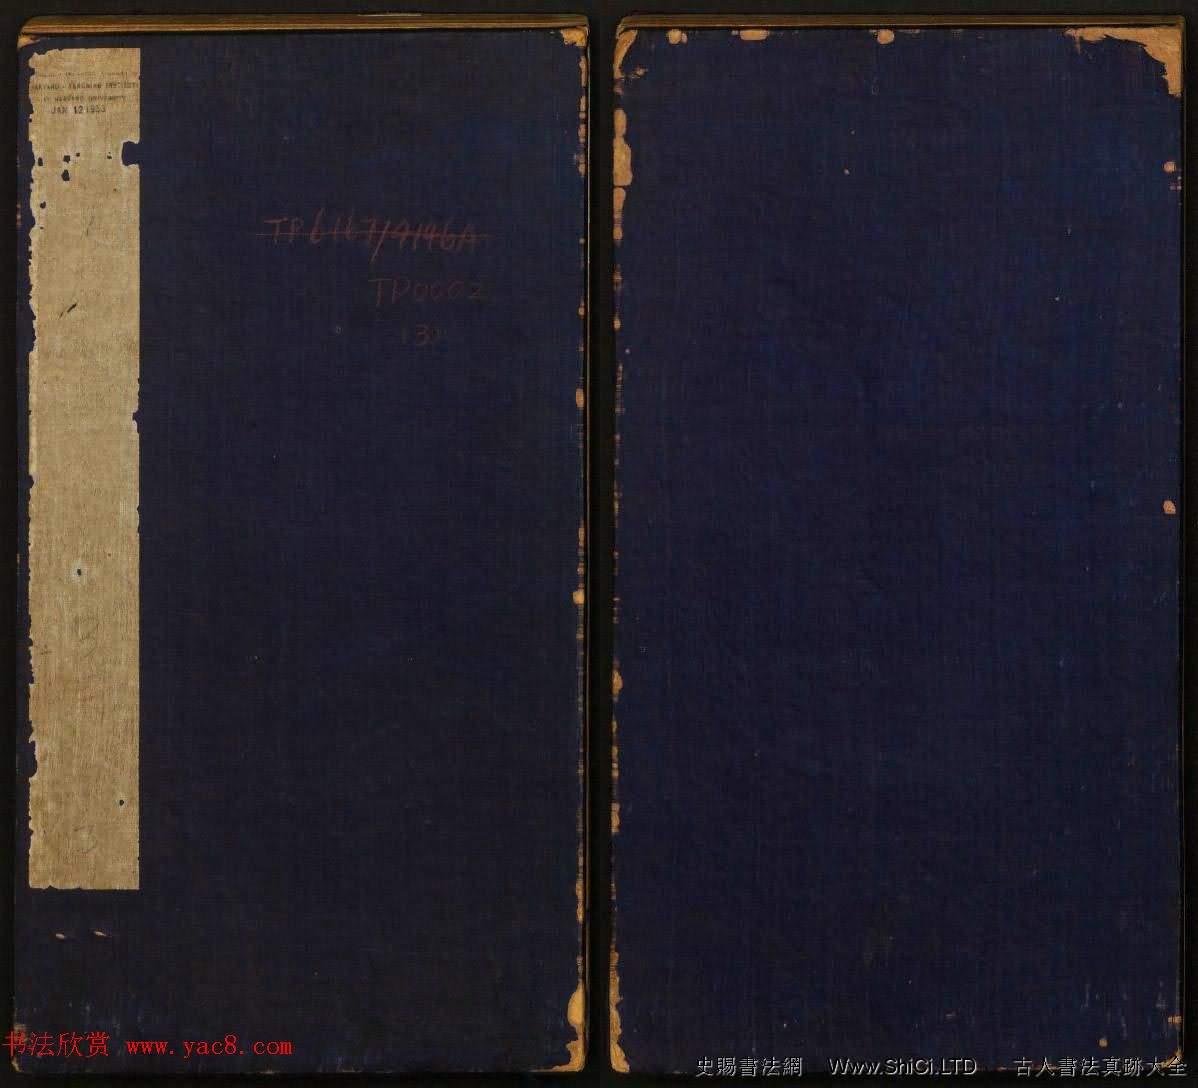 董其昌編《戲鴻堂法帖》第三卷(共30張圖片)